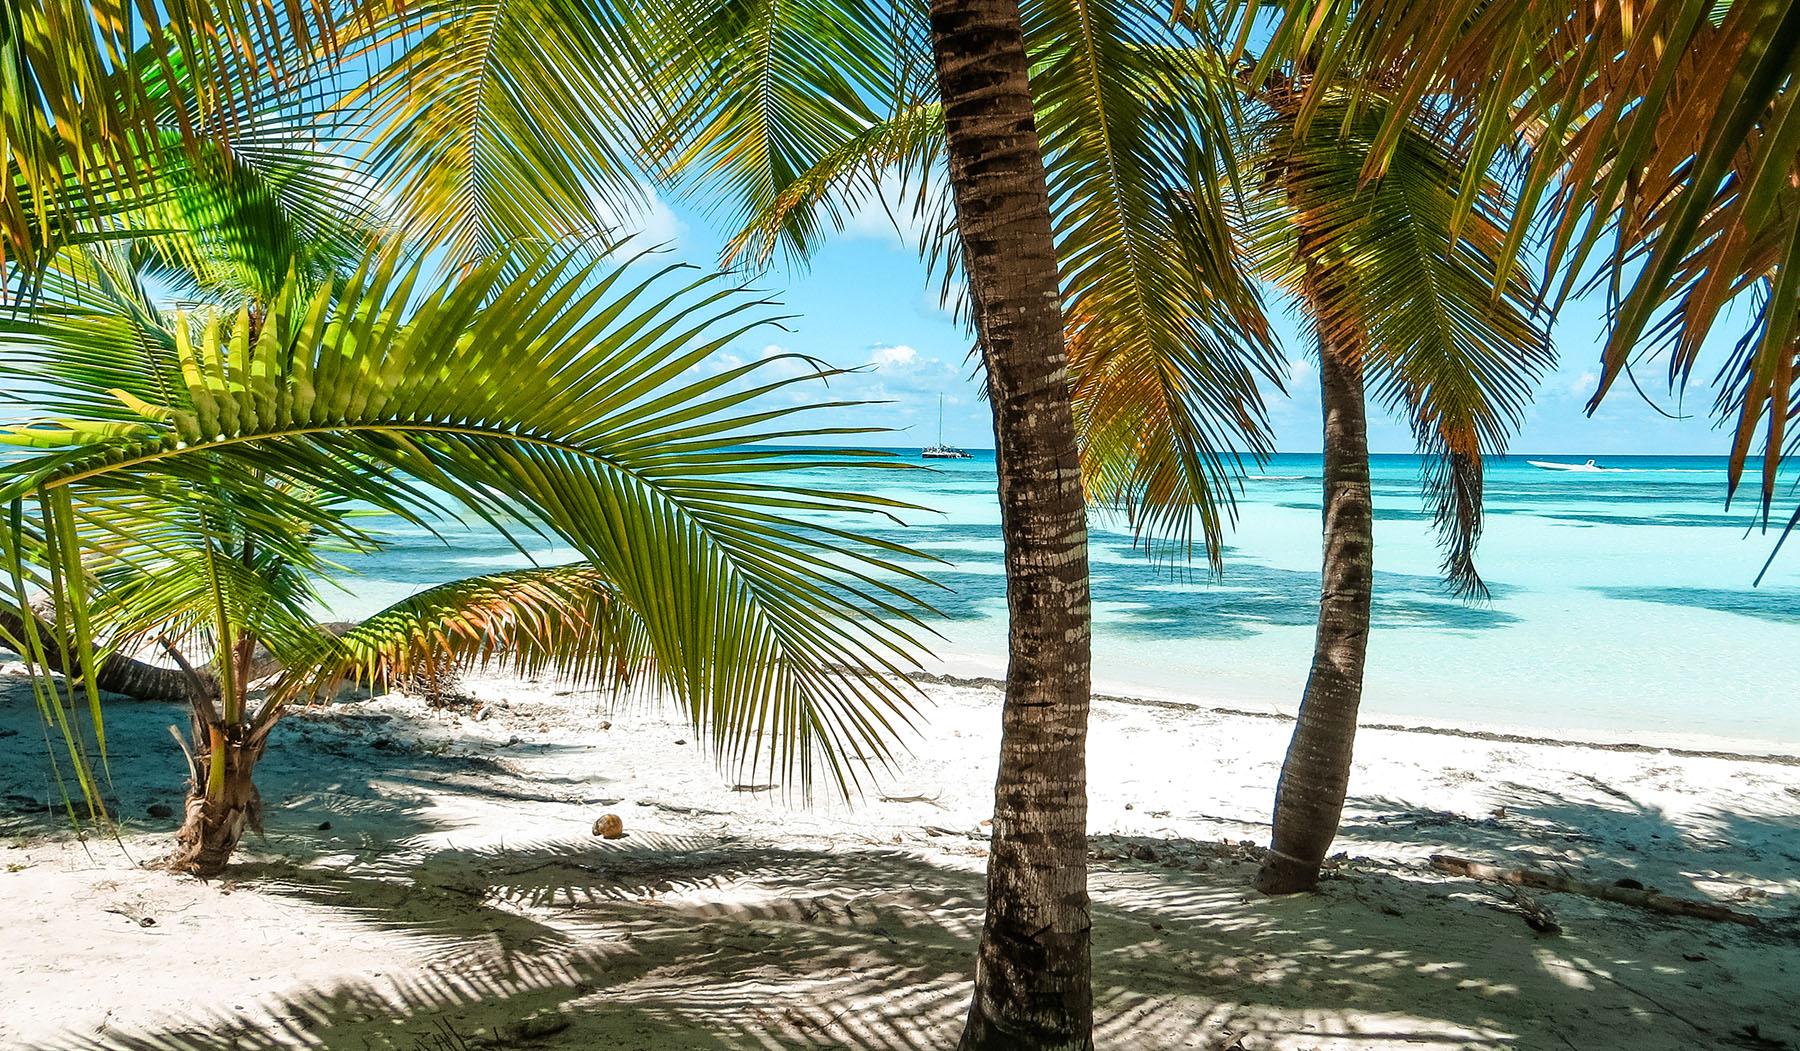 Karibik Kreuzfahrt Dominikanische Republik Isla Saona Strand Palmen